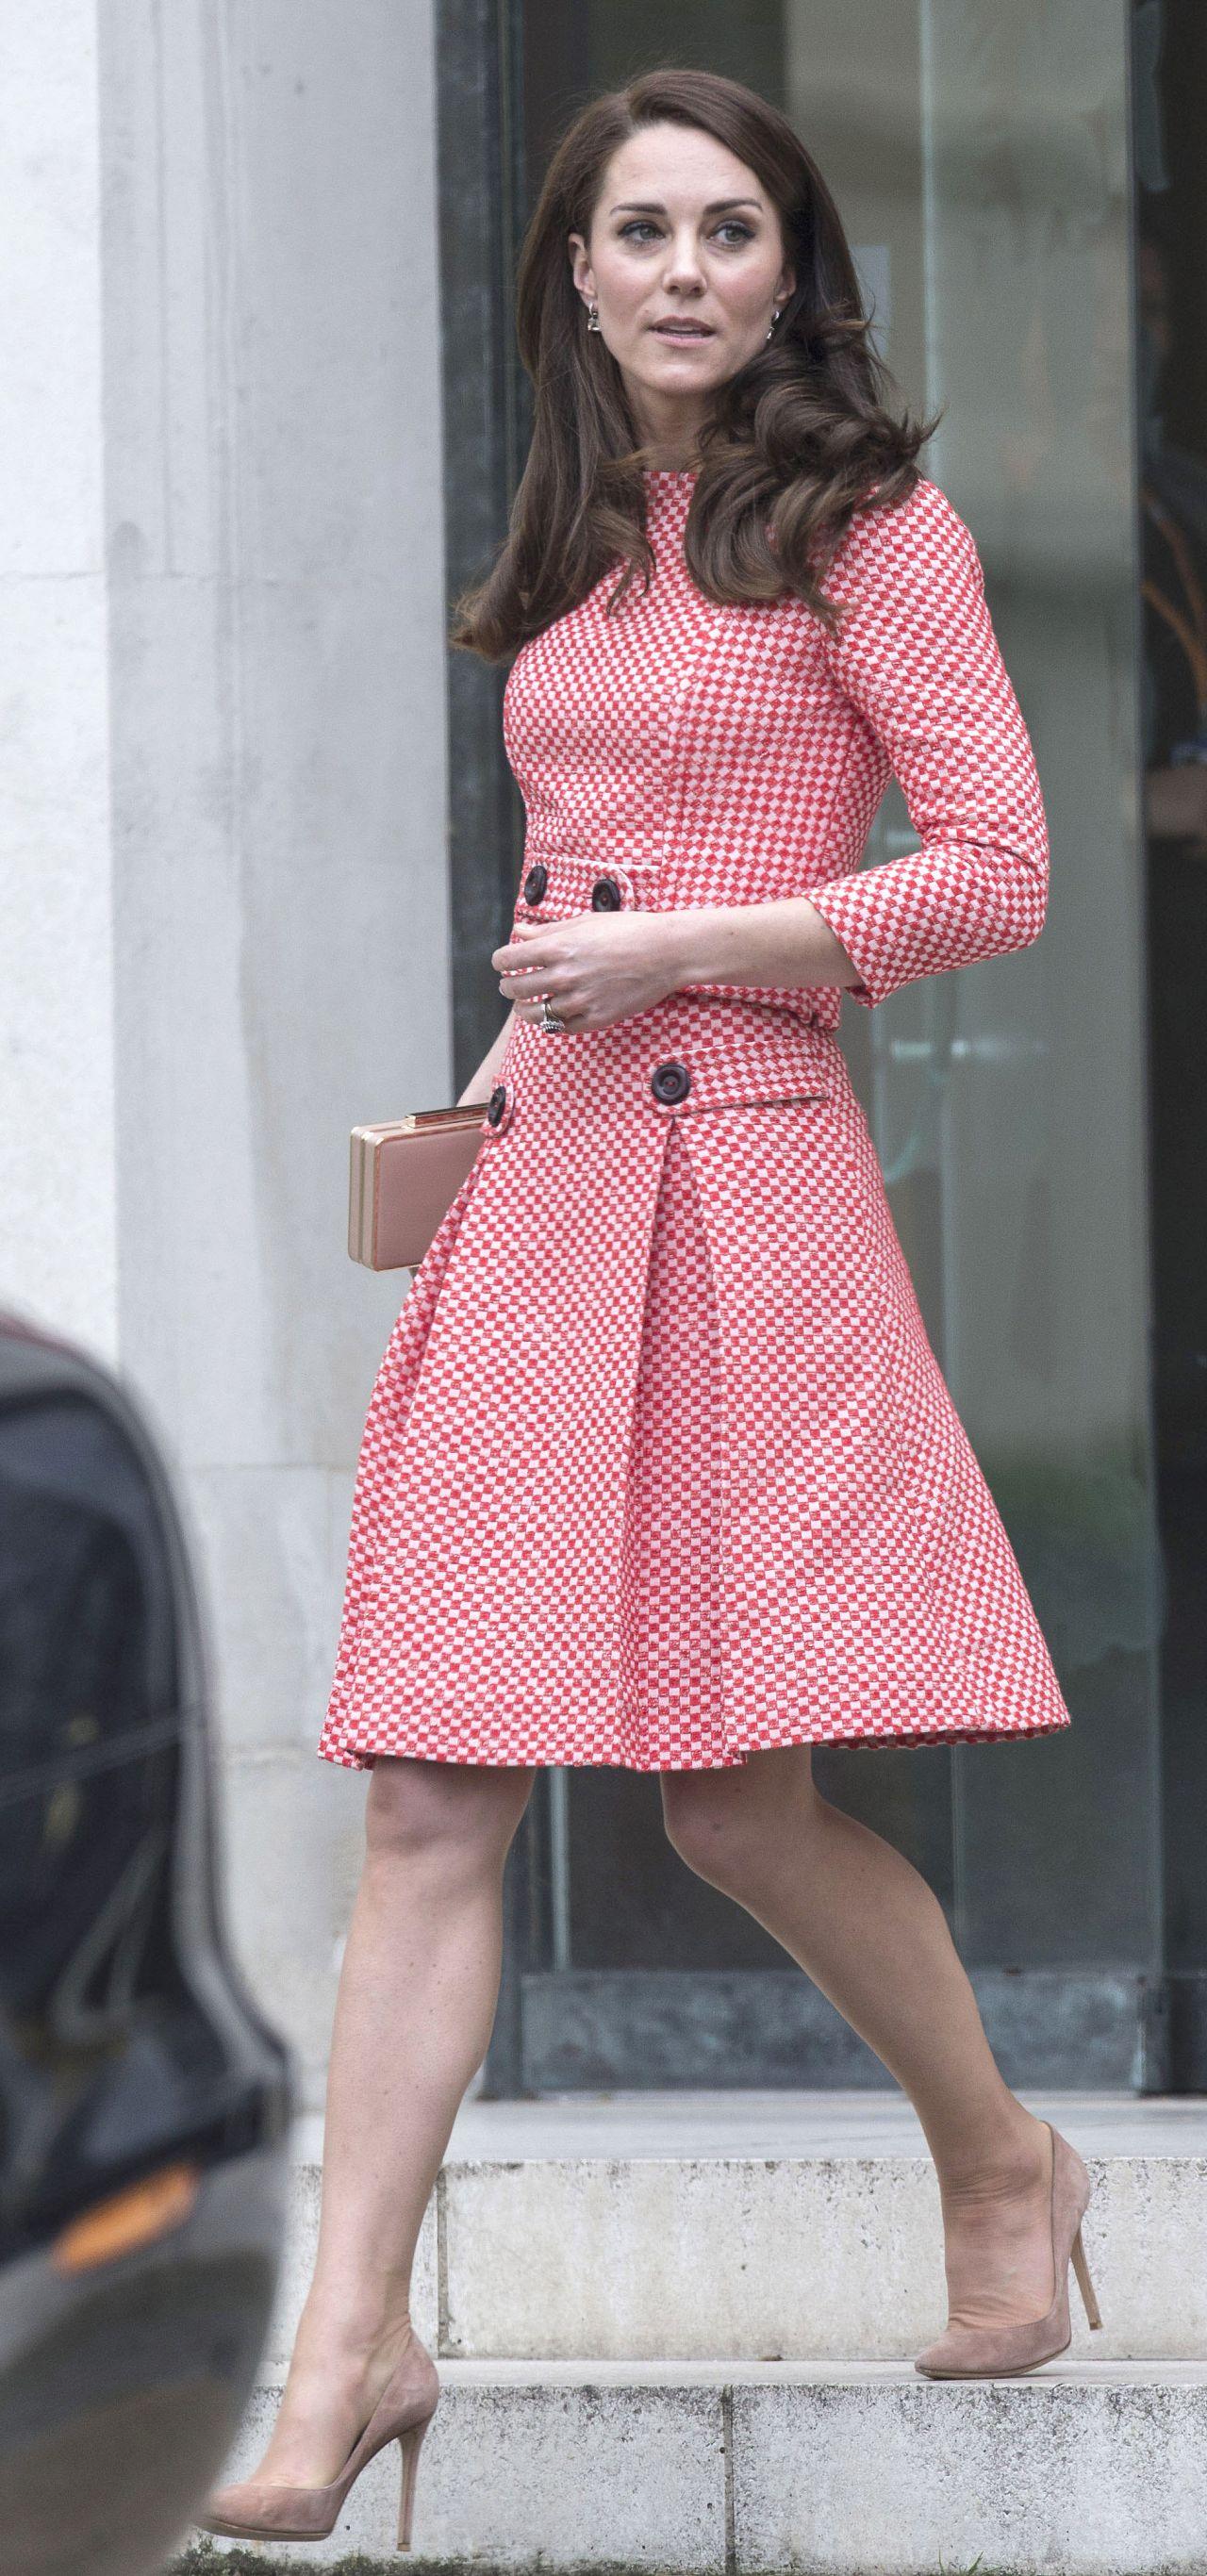 Kate Middleton Latest ... Eva Longoria Wedding